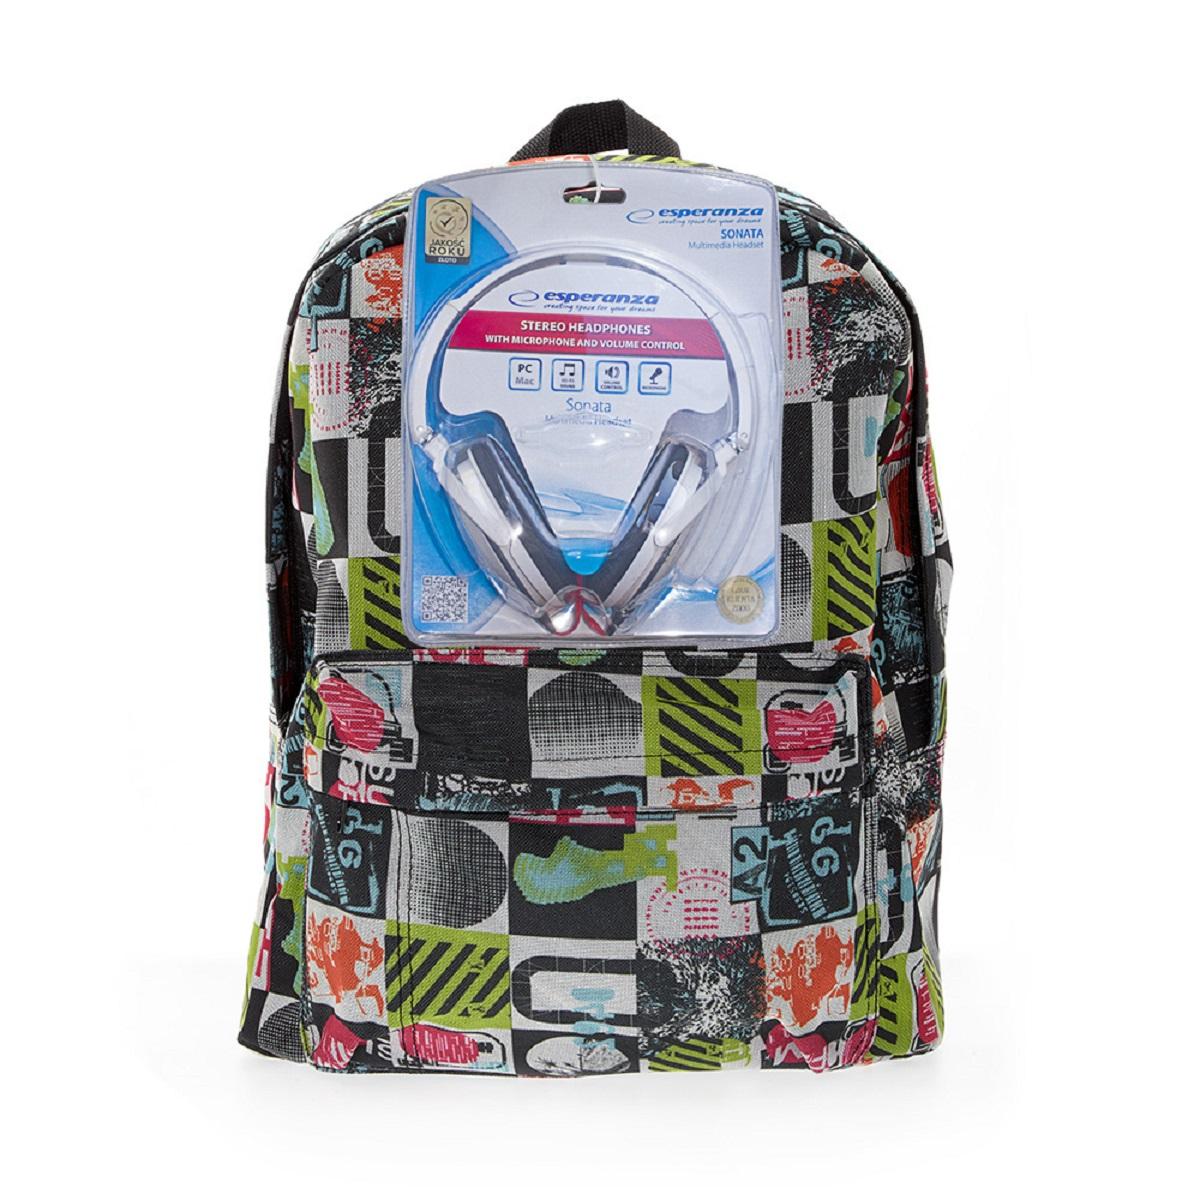 Рюкзак городской 3D Bags Луна, 16 л + ПОДАРОК: Наушники3DBC490NРюкзак городской 3D Bags Луна, 16 л + ПОДАРОК: Наушники. Стильный, вместительный и практичный, рюкзак понравится и школьникам, истудентам.Просторный внутренний отсек, наружный карман на молнии будут очень удобны виспользовании.В комплект входят белые стереонаушники с мягкими ушными подушками.Длина кабеля 2м, разъем 3,5мм, сопротивление 32 Ом, диапазон часто - 20 Гц- 20000 Гц, выходная мощность - 100 мВт.Наушники поставляются в цветовом ассортименте. Поставка осуществляется взависимости от наличия на складе.